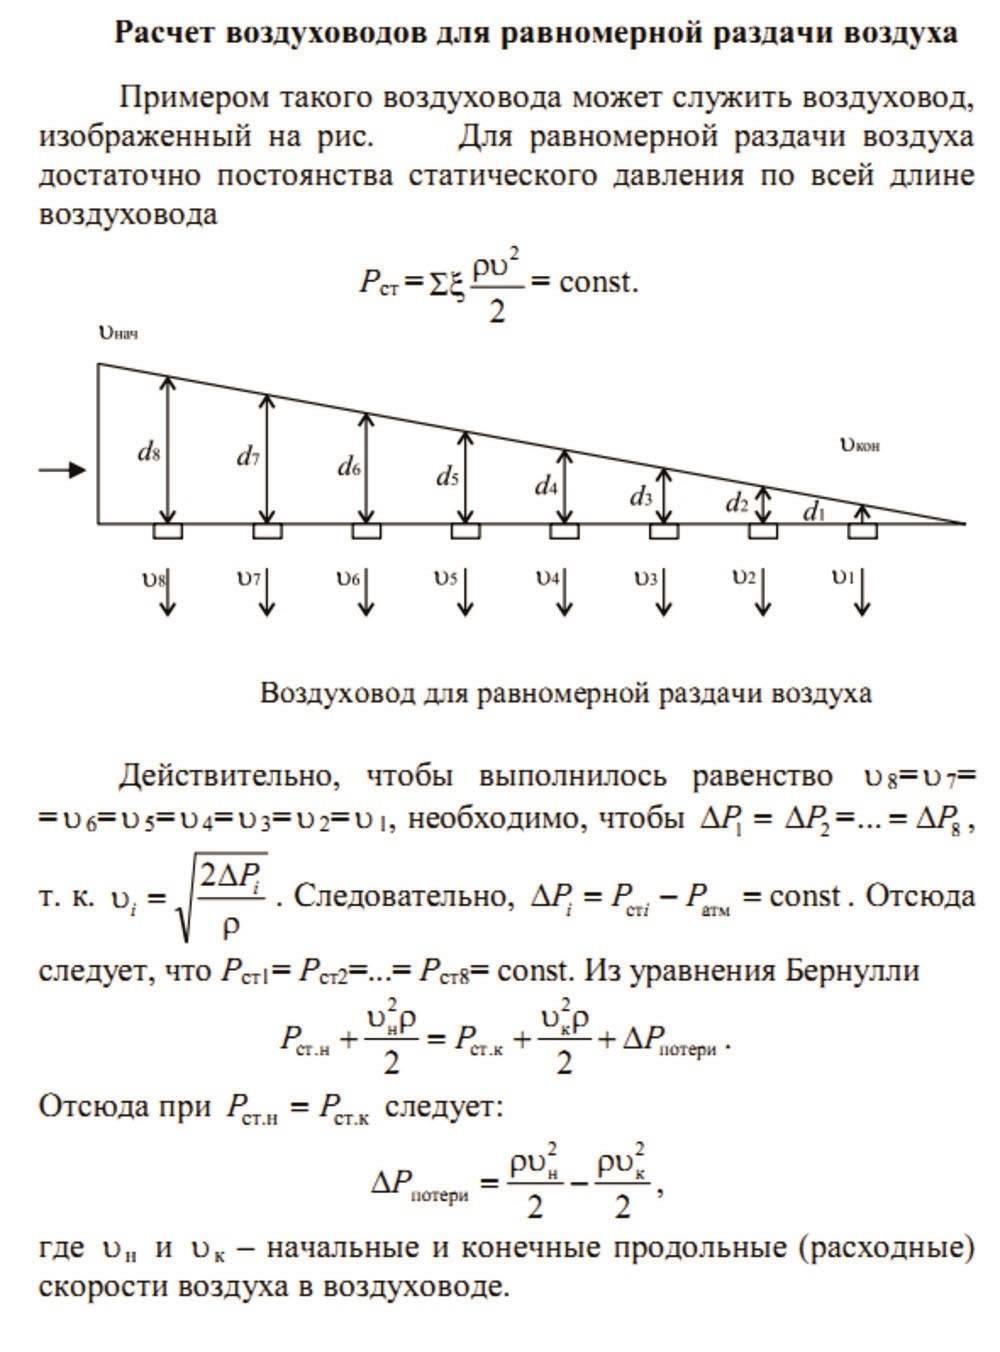 Скорость воздуха в воздуховоде: расчеты и измерения